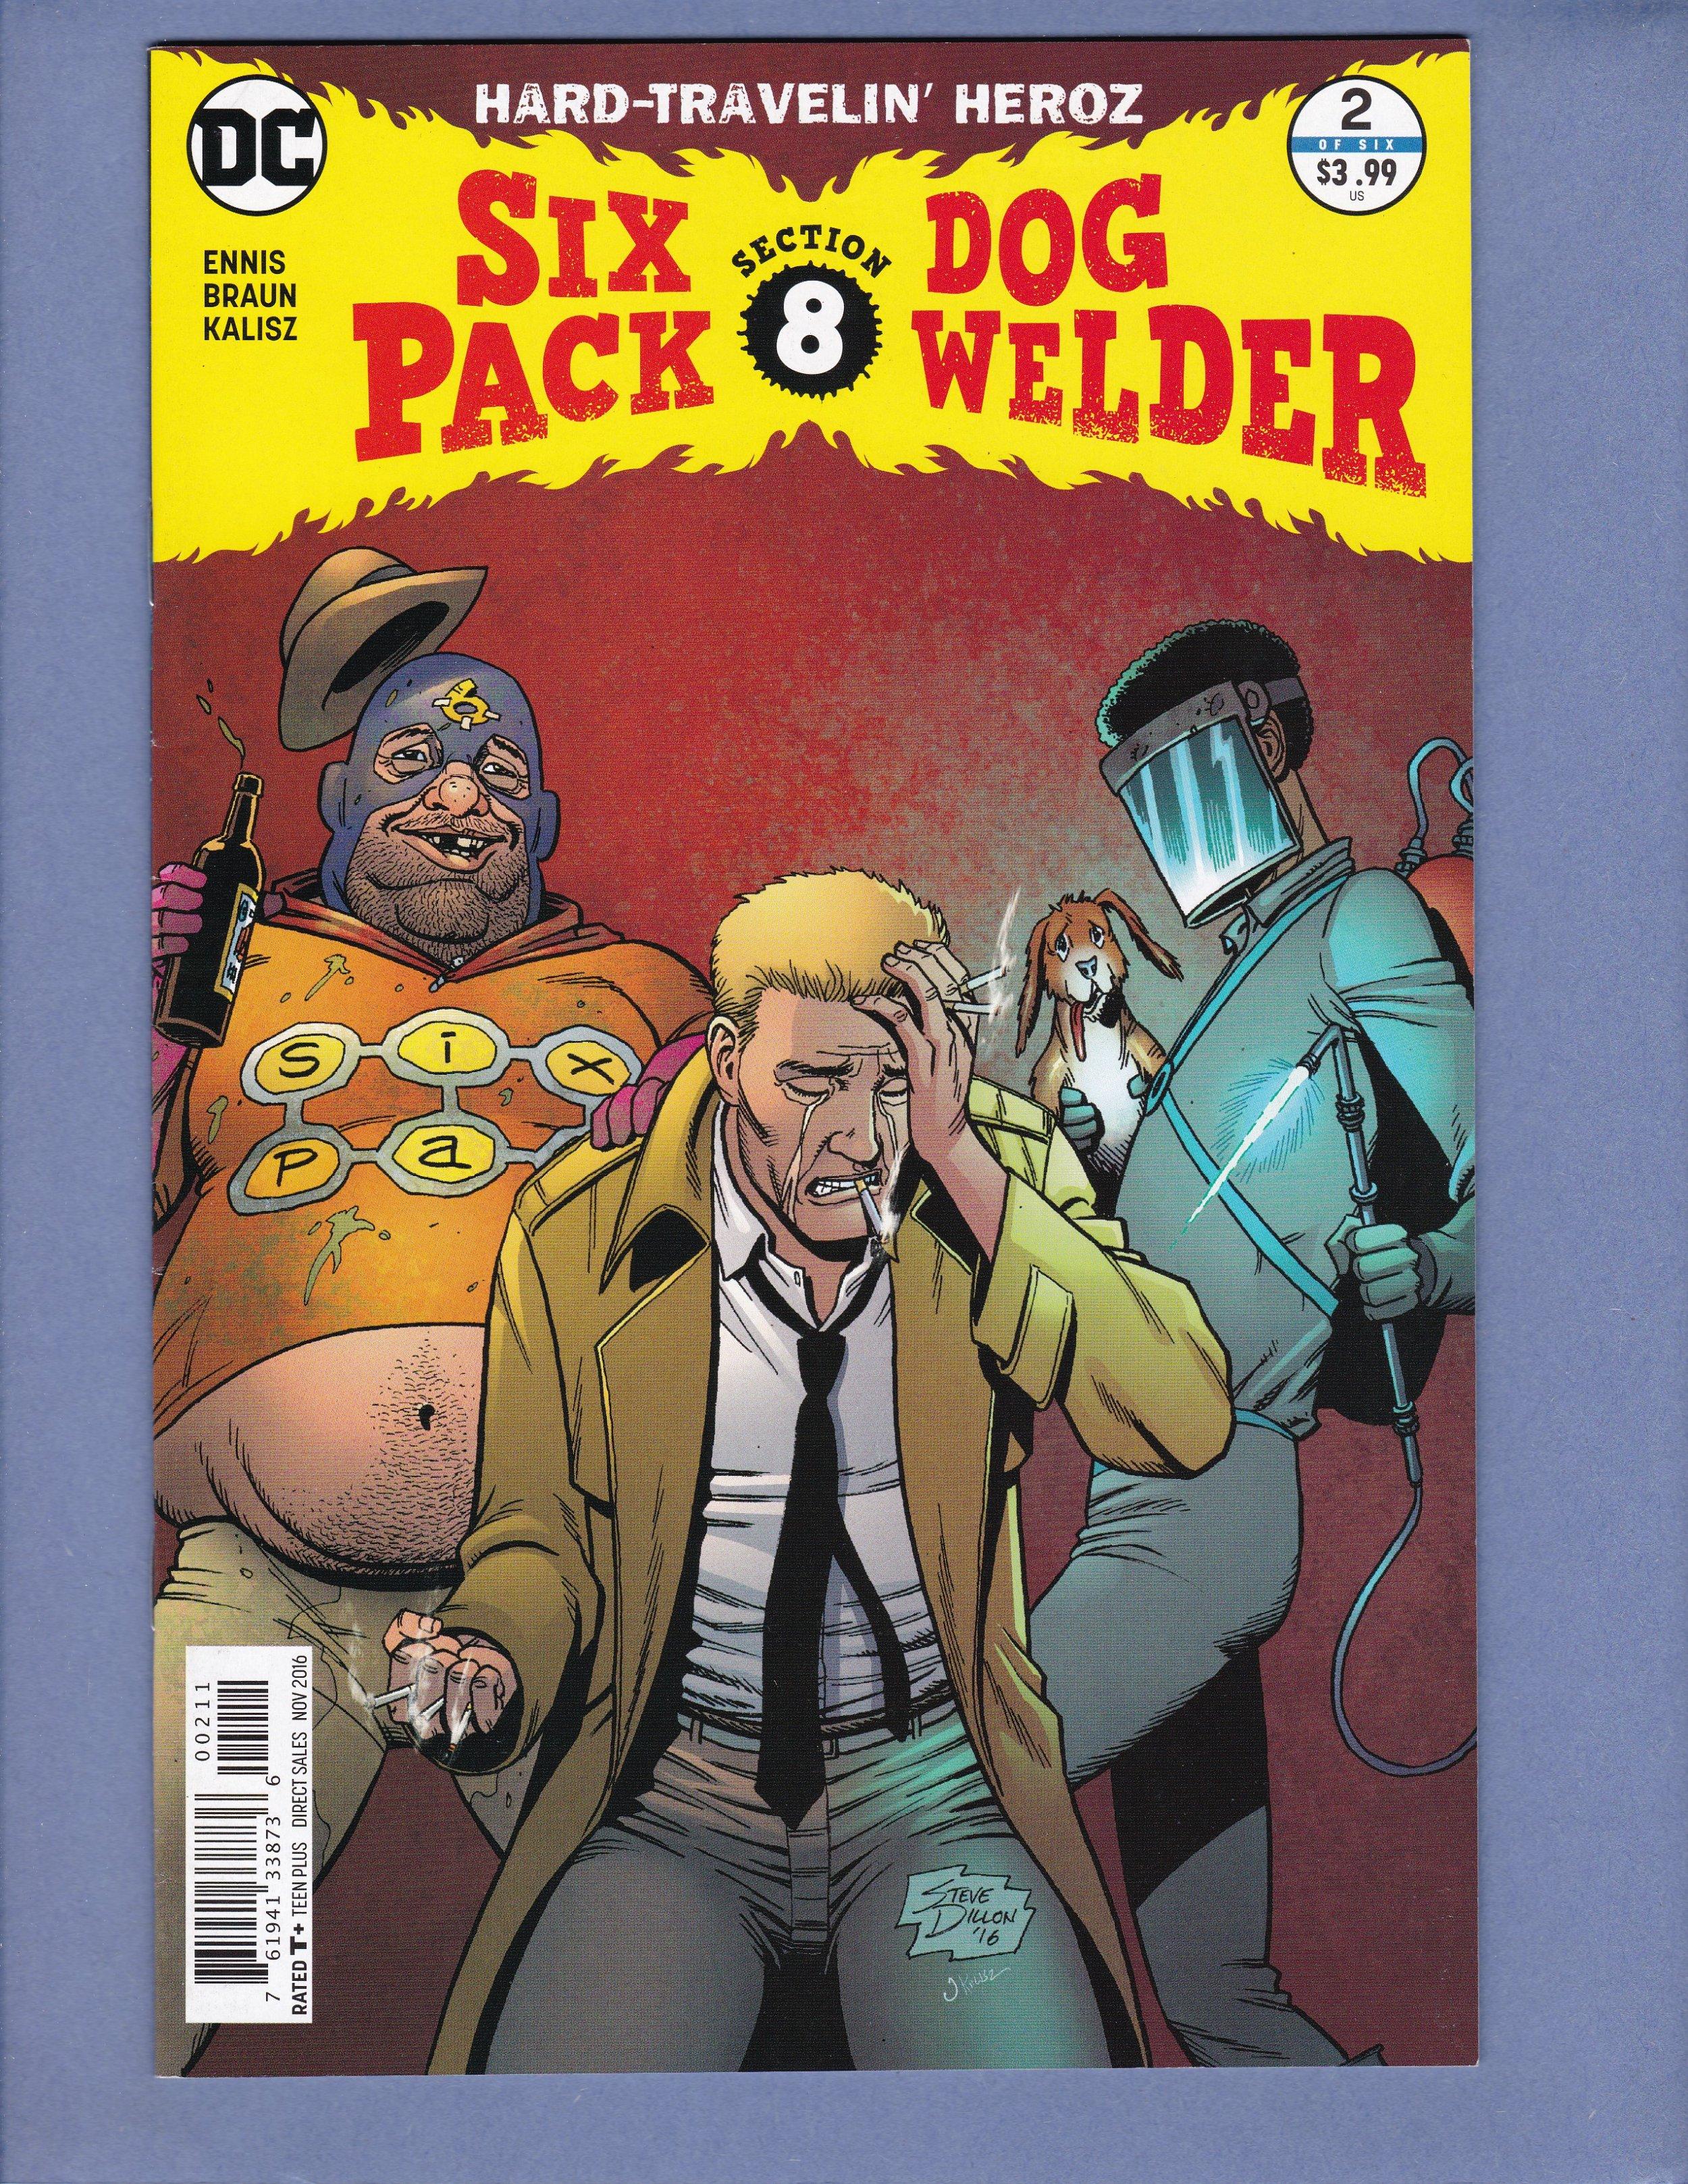 Six Pack /& Dog Welder #5 2016 DC Comics